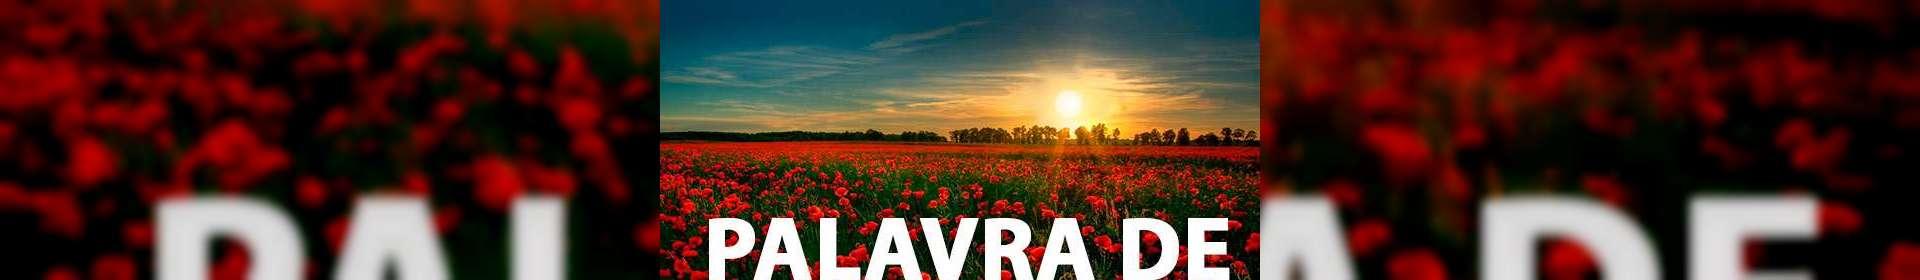 Salmos 100:4,5 - Uma Palavra de Esperança para sua vida